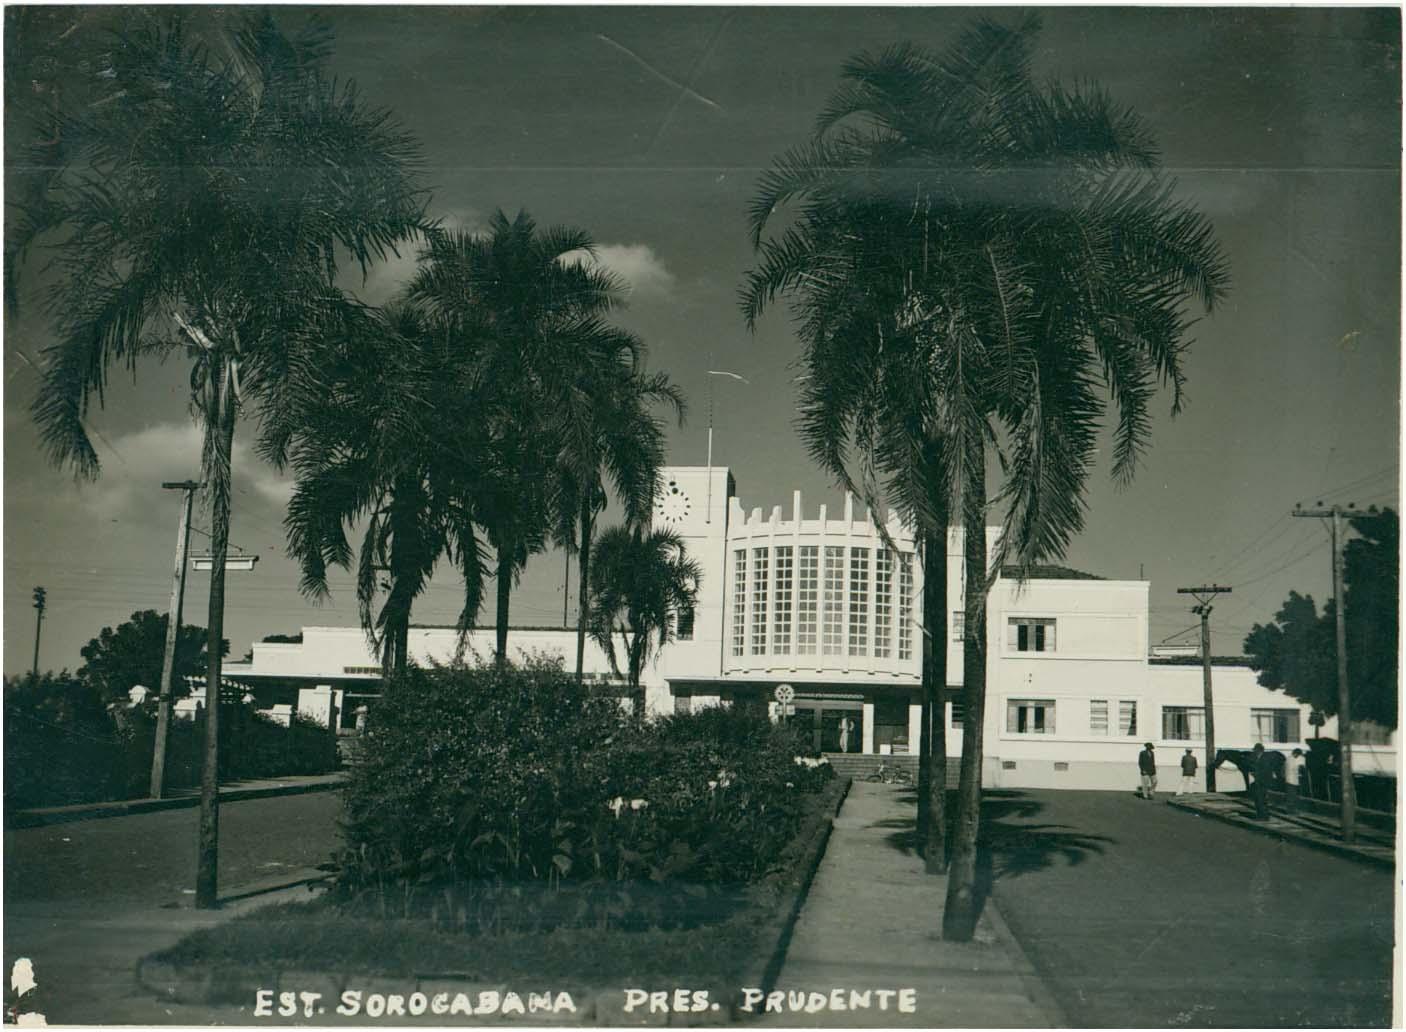 Pres Prudente (cerca de 1960)